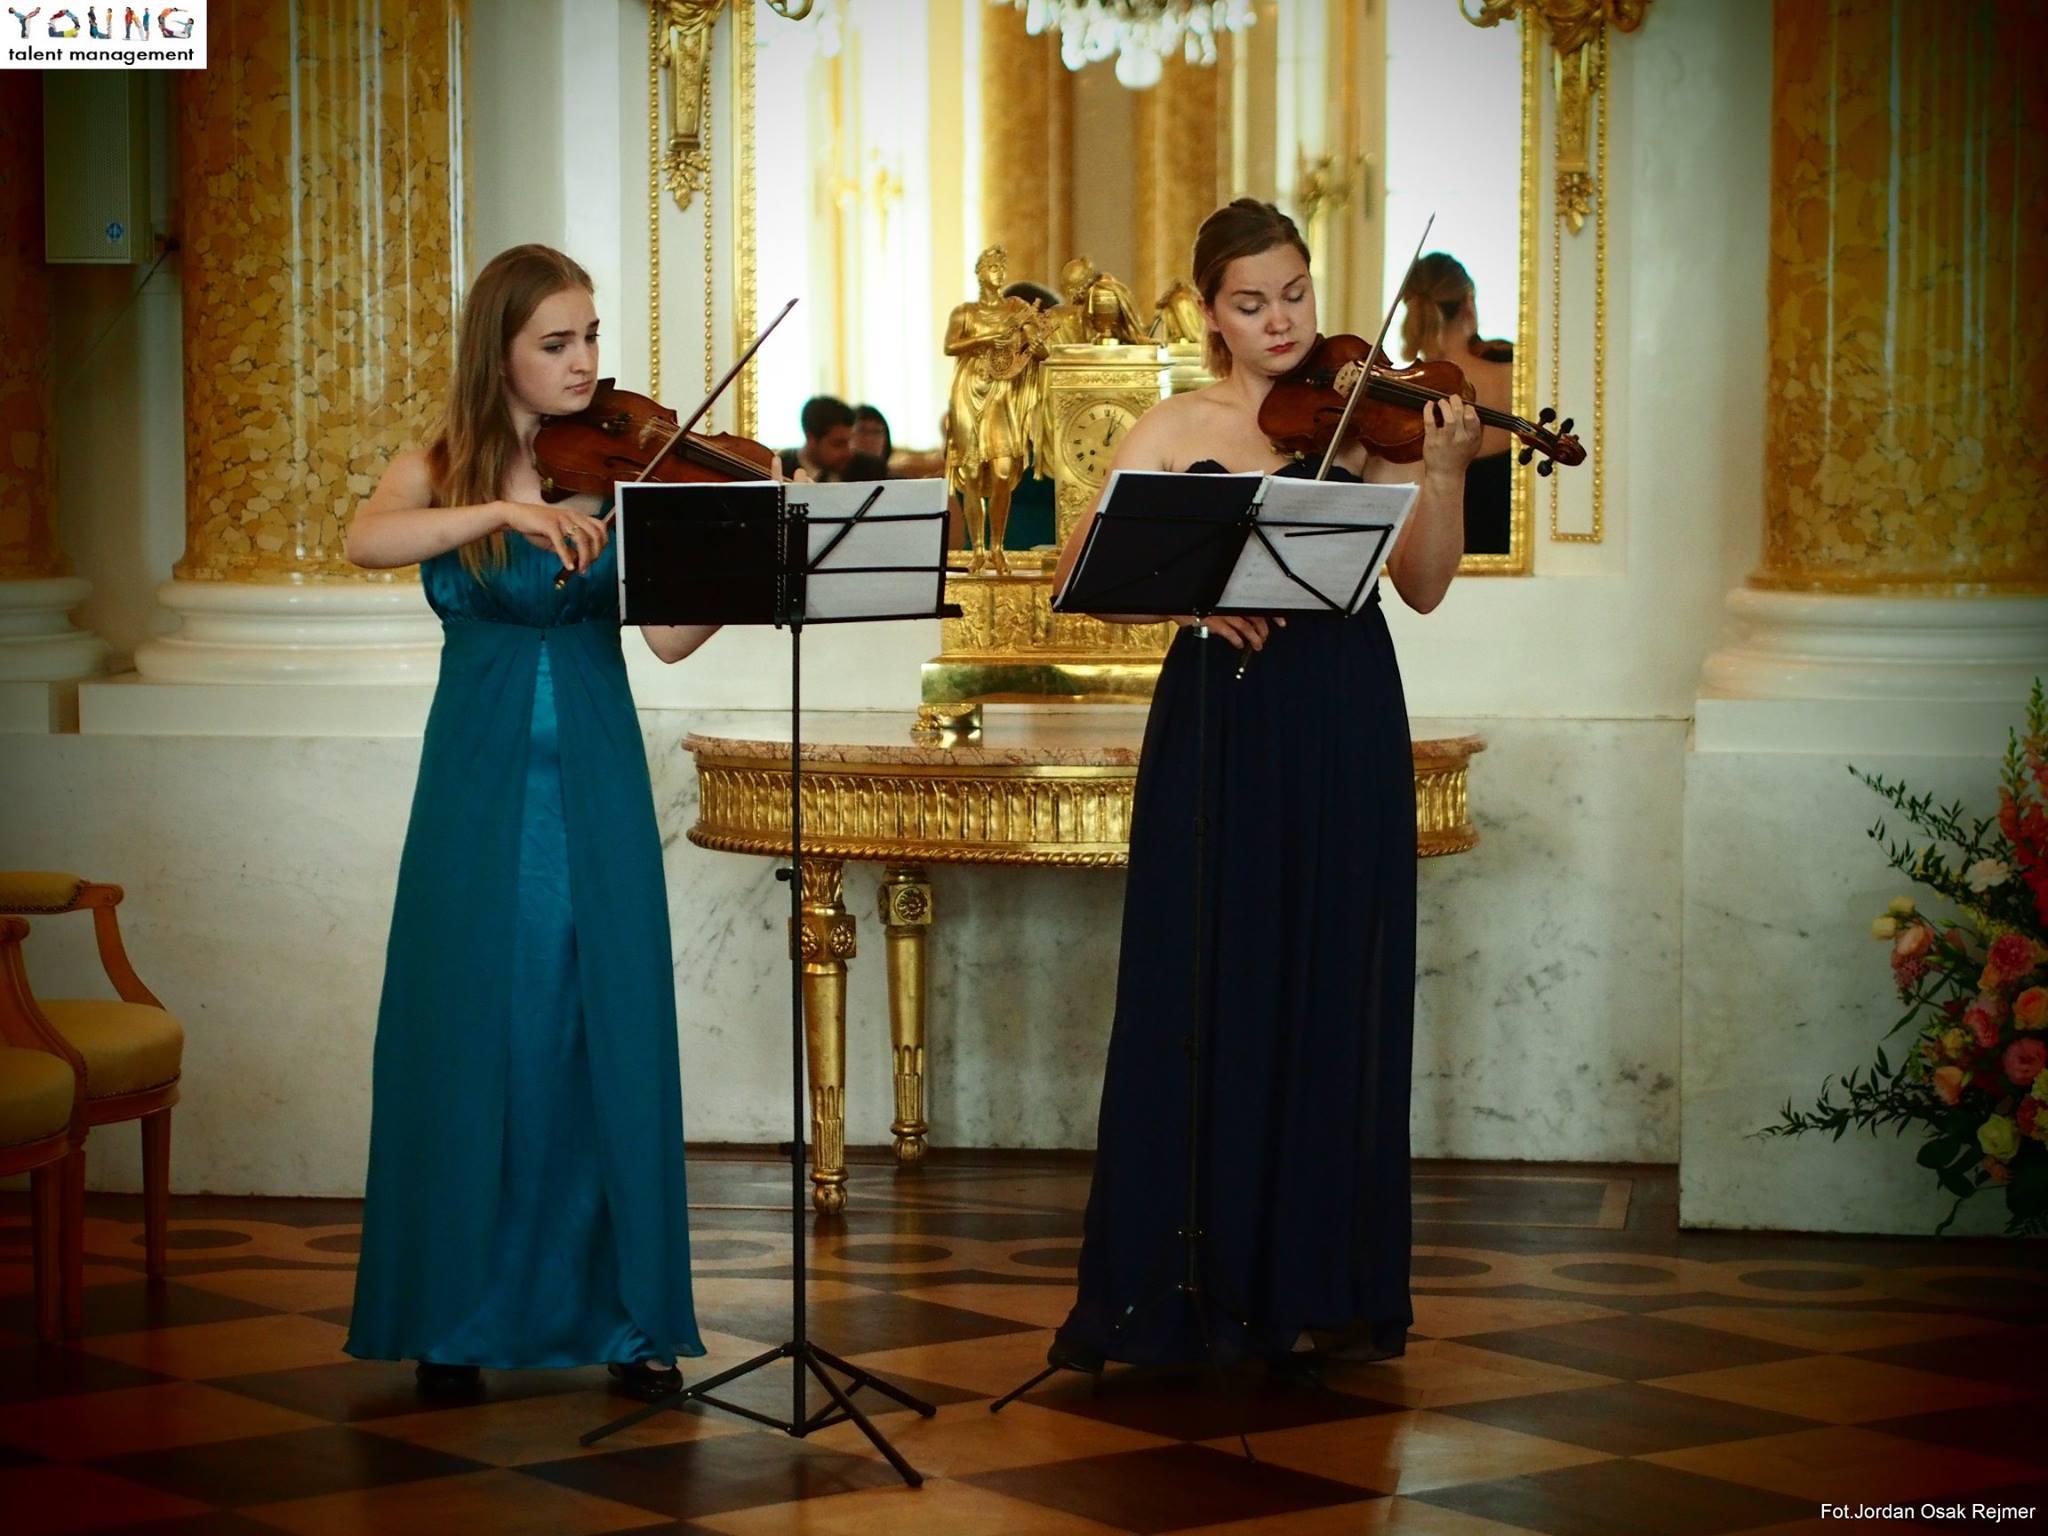 unforgotten_martyna-violinist2.jpg